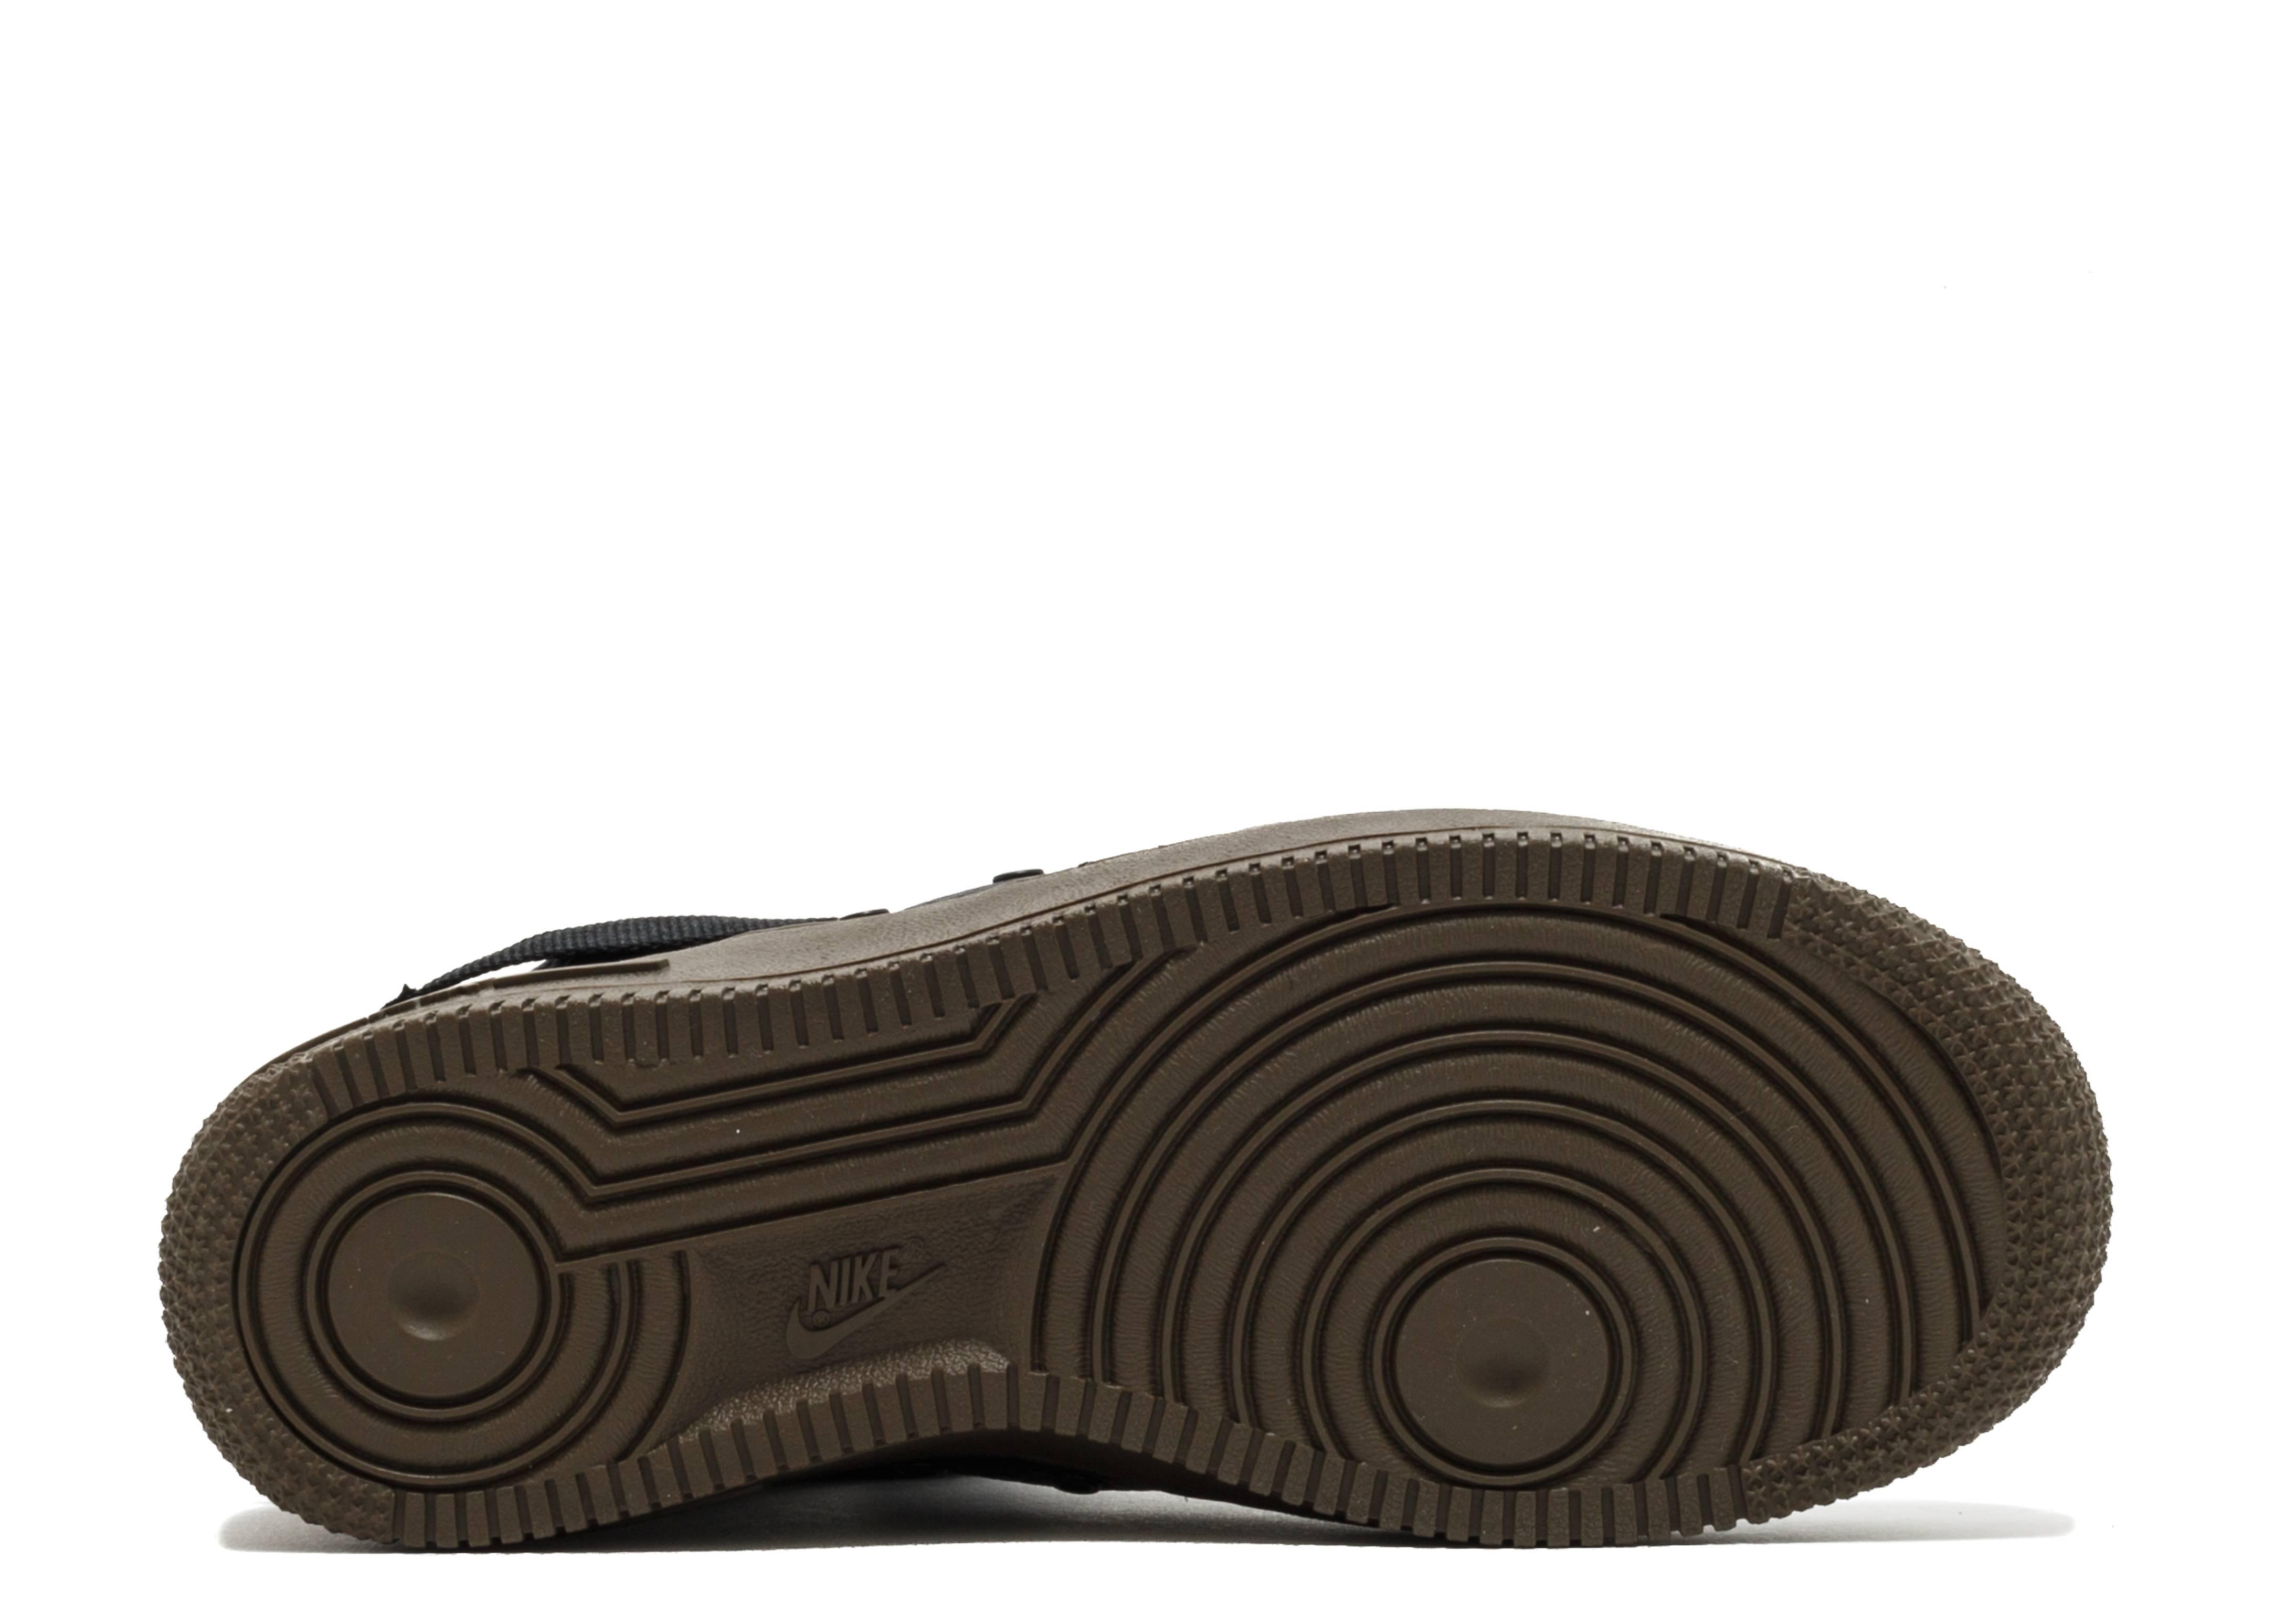 f0cb2a283b5bcd W Sf Af1 Mid - Nike - aa3966 003 - black black-dark hazel